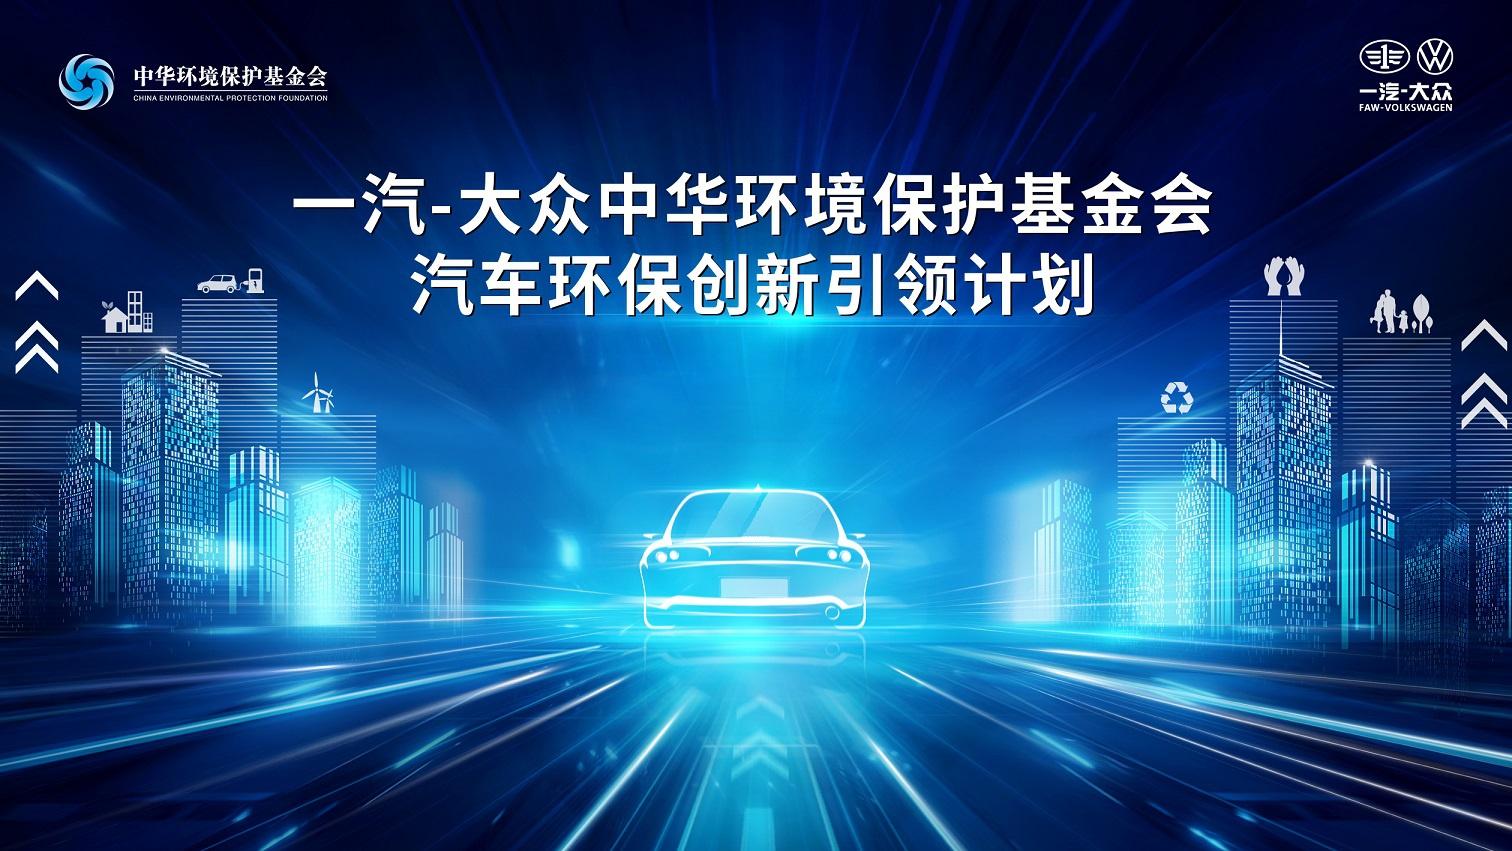 一汽-大众汽车环保创新引领计划:破题新能源汽车环保公益